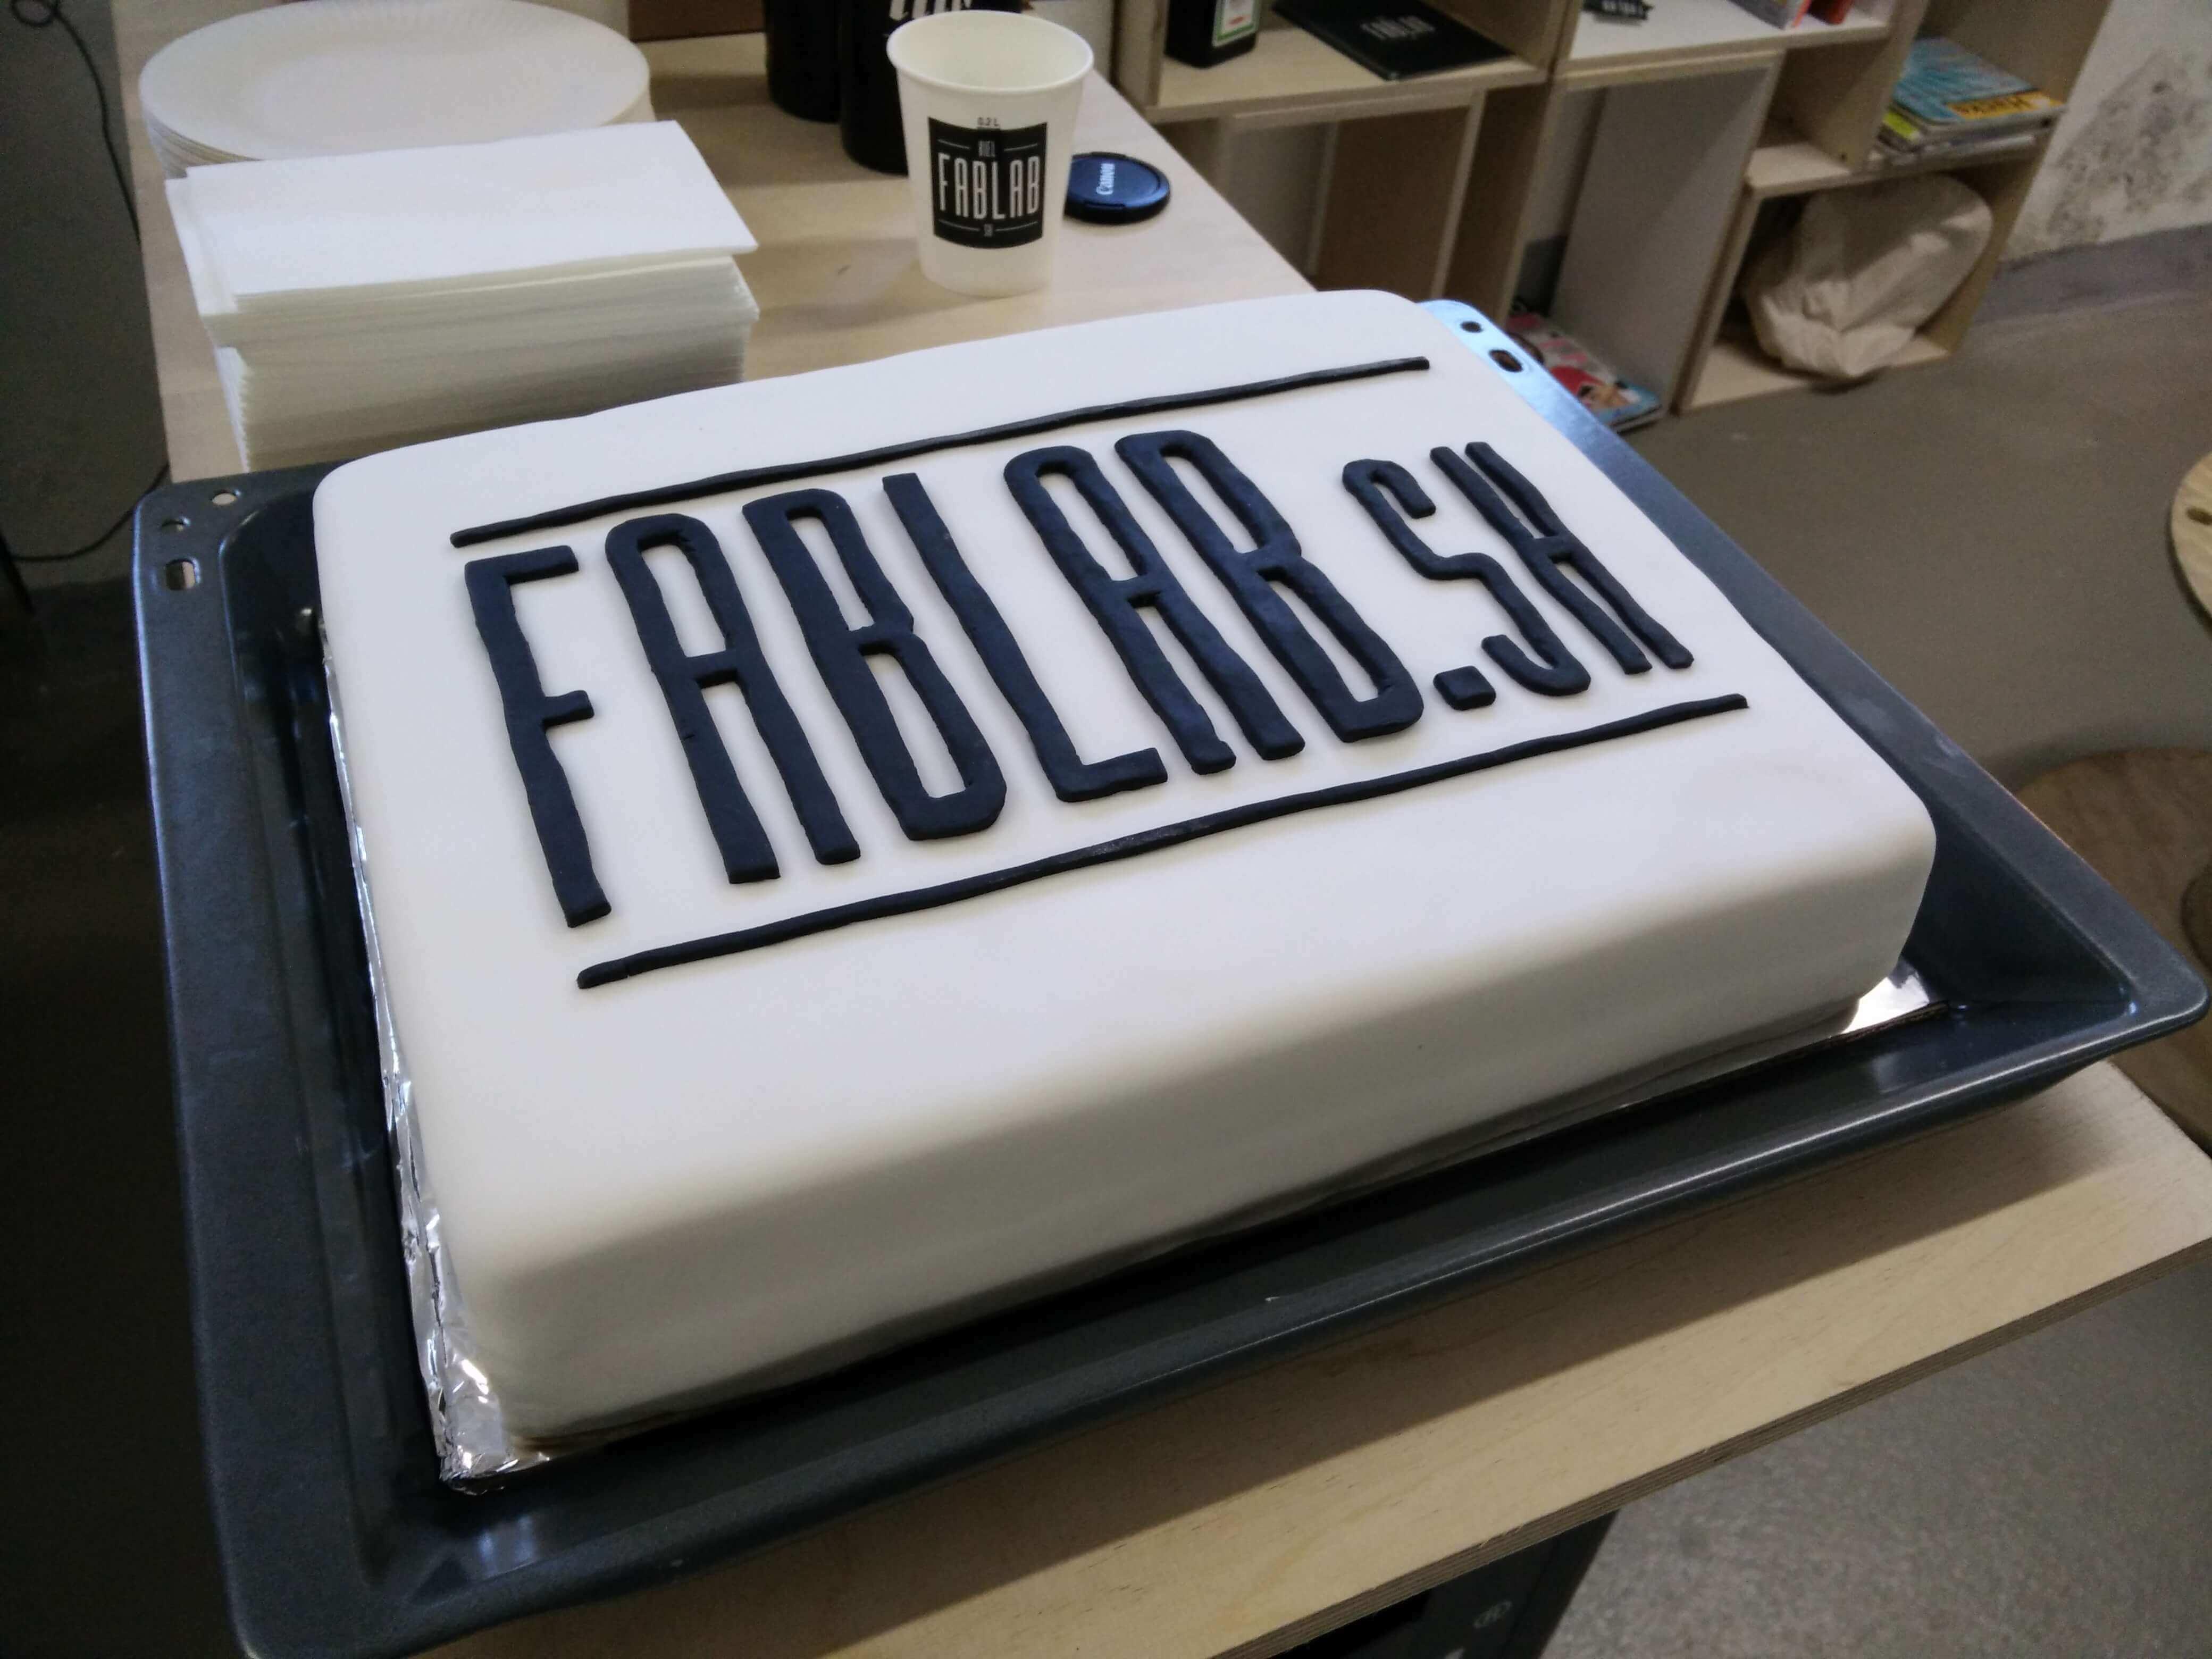 Fablab Kiel eröffnet: